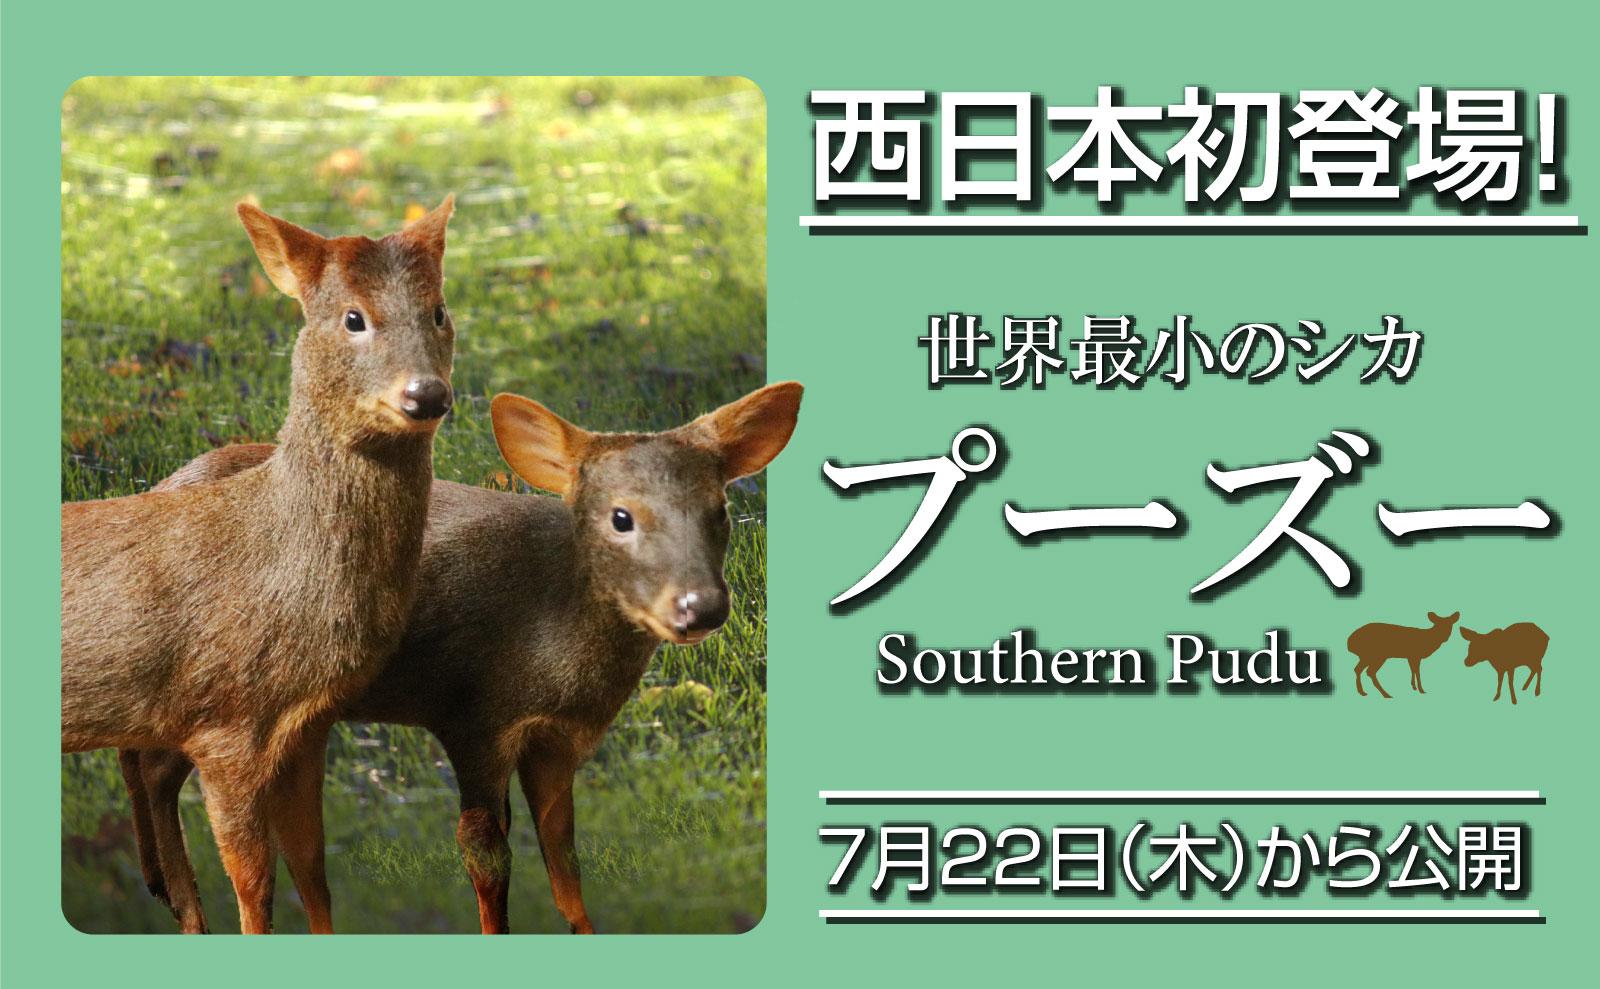 神戸どうぶつ王国で世界最小のシカ「プーズー」公開 日本で2園目、体長70センチの雄・雌各1頭